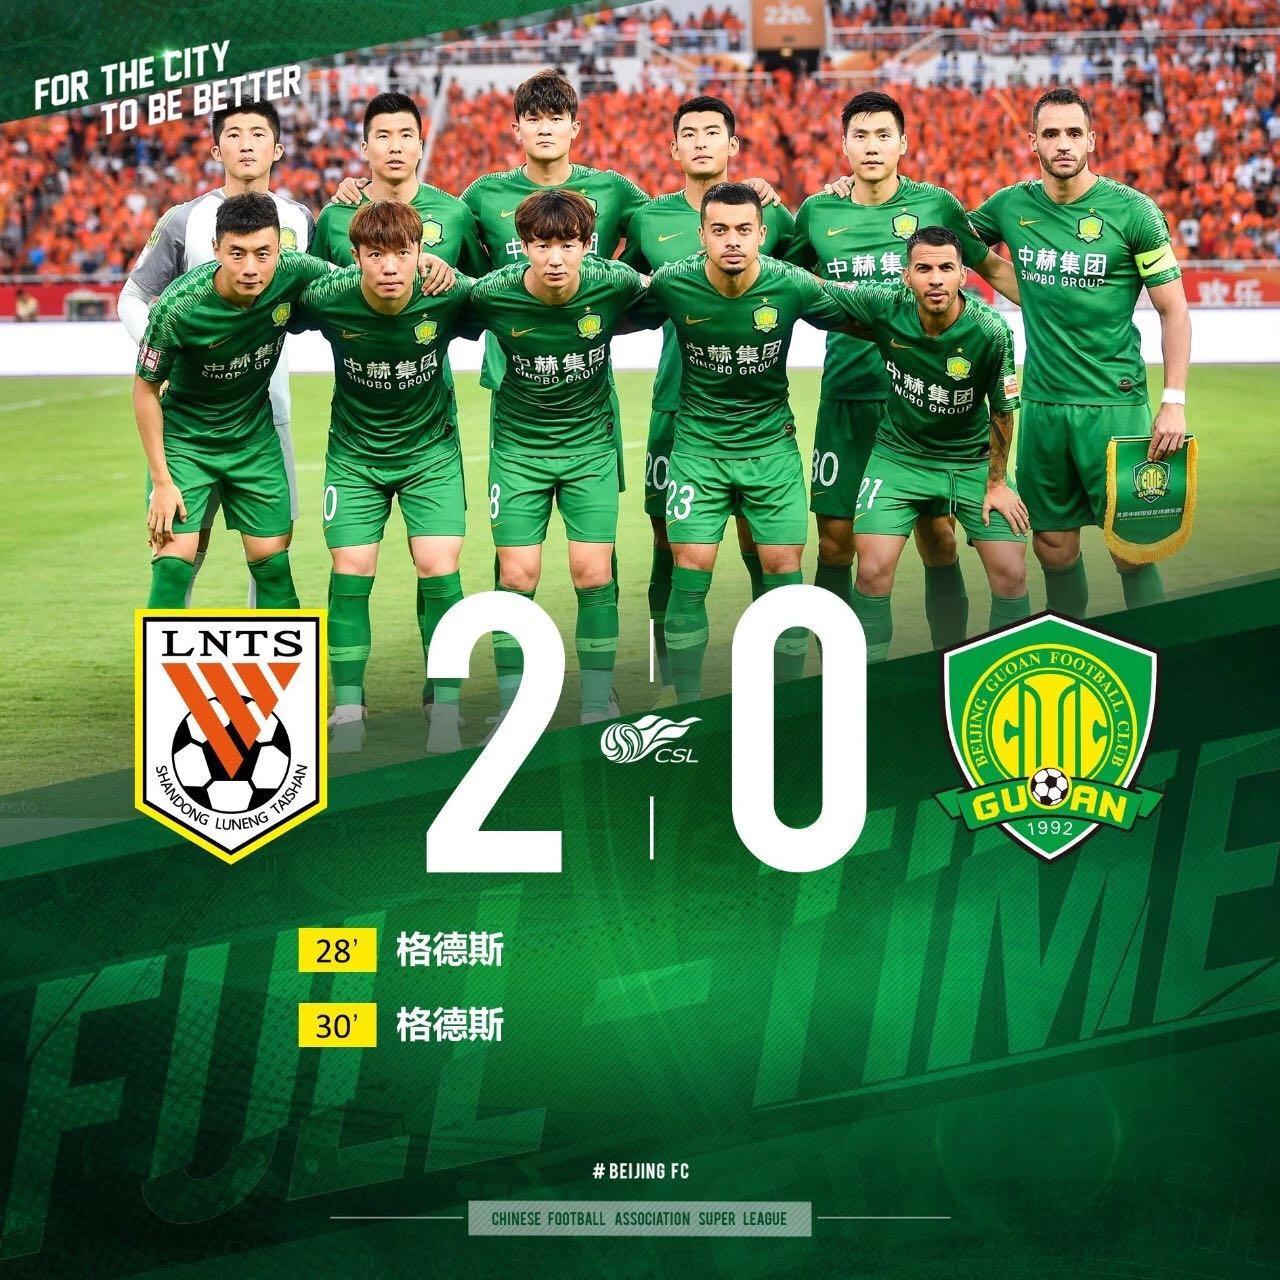 战报 | 比埃拉中柱,北京中赫国安0-2客负山东鲁能泰山